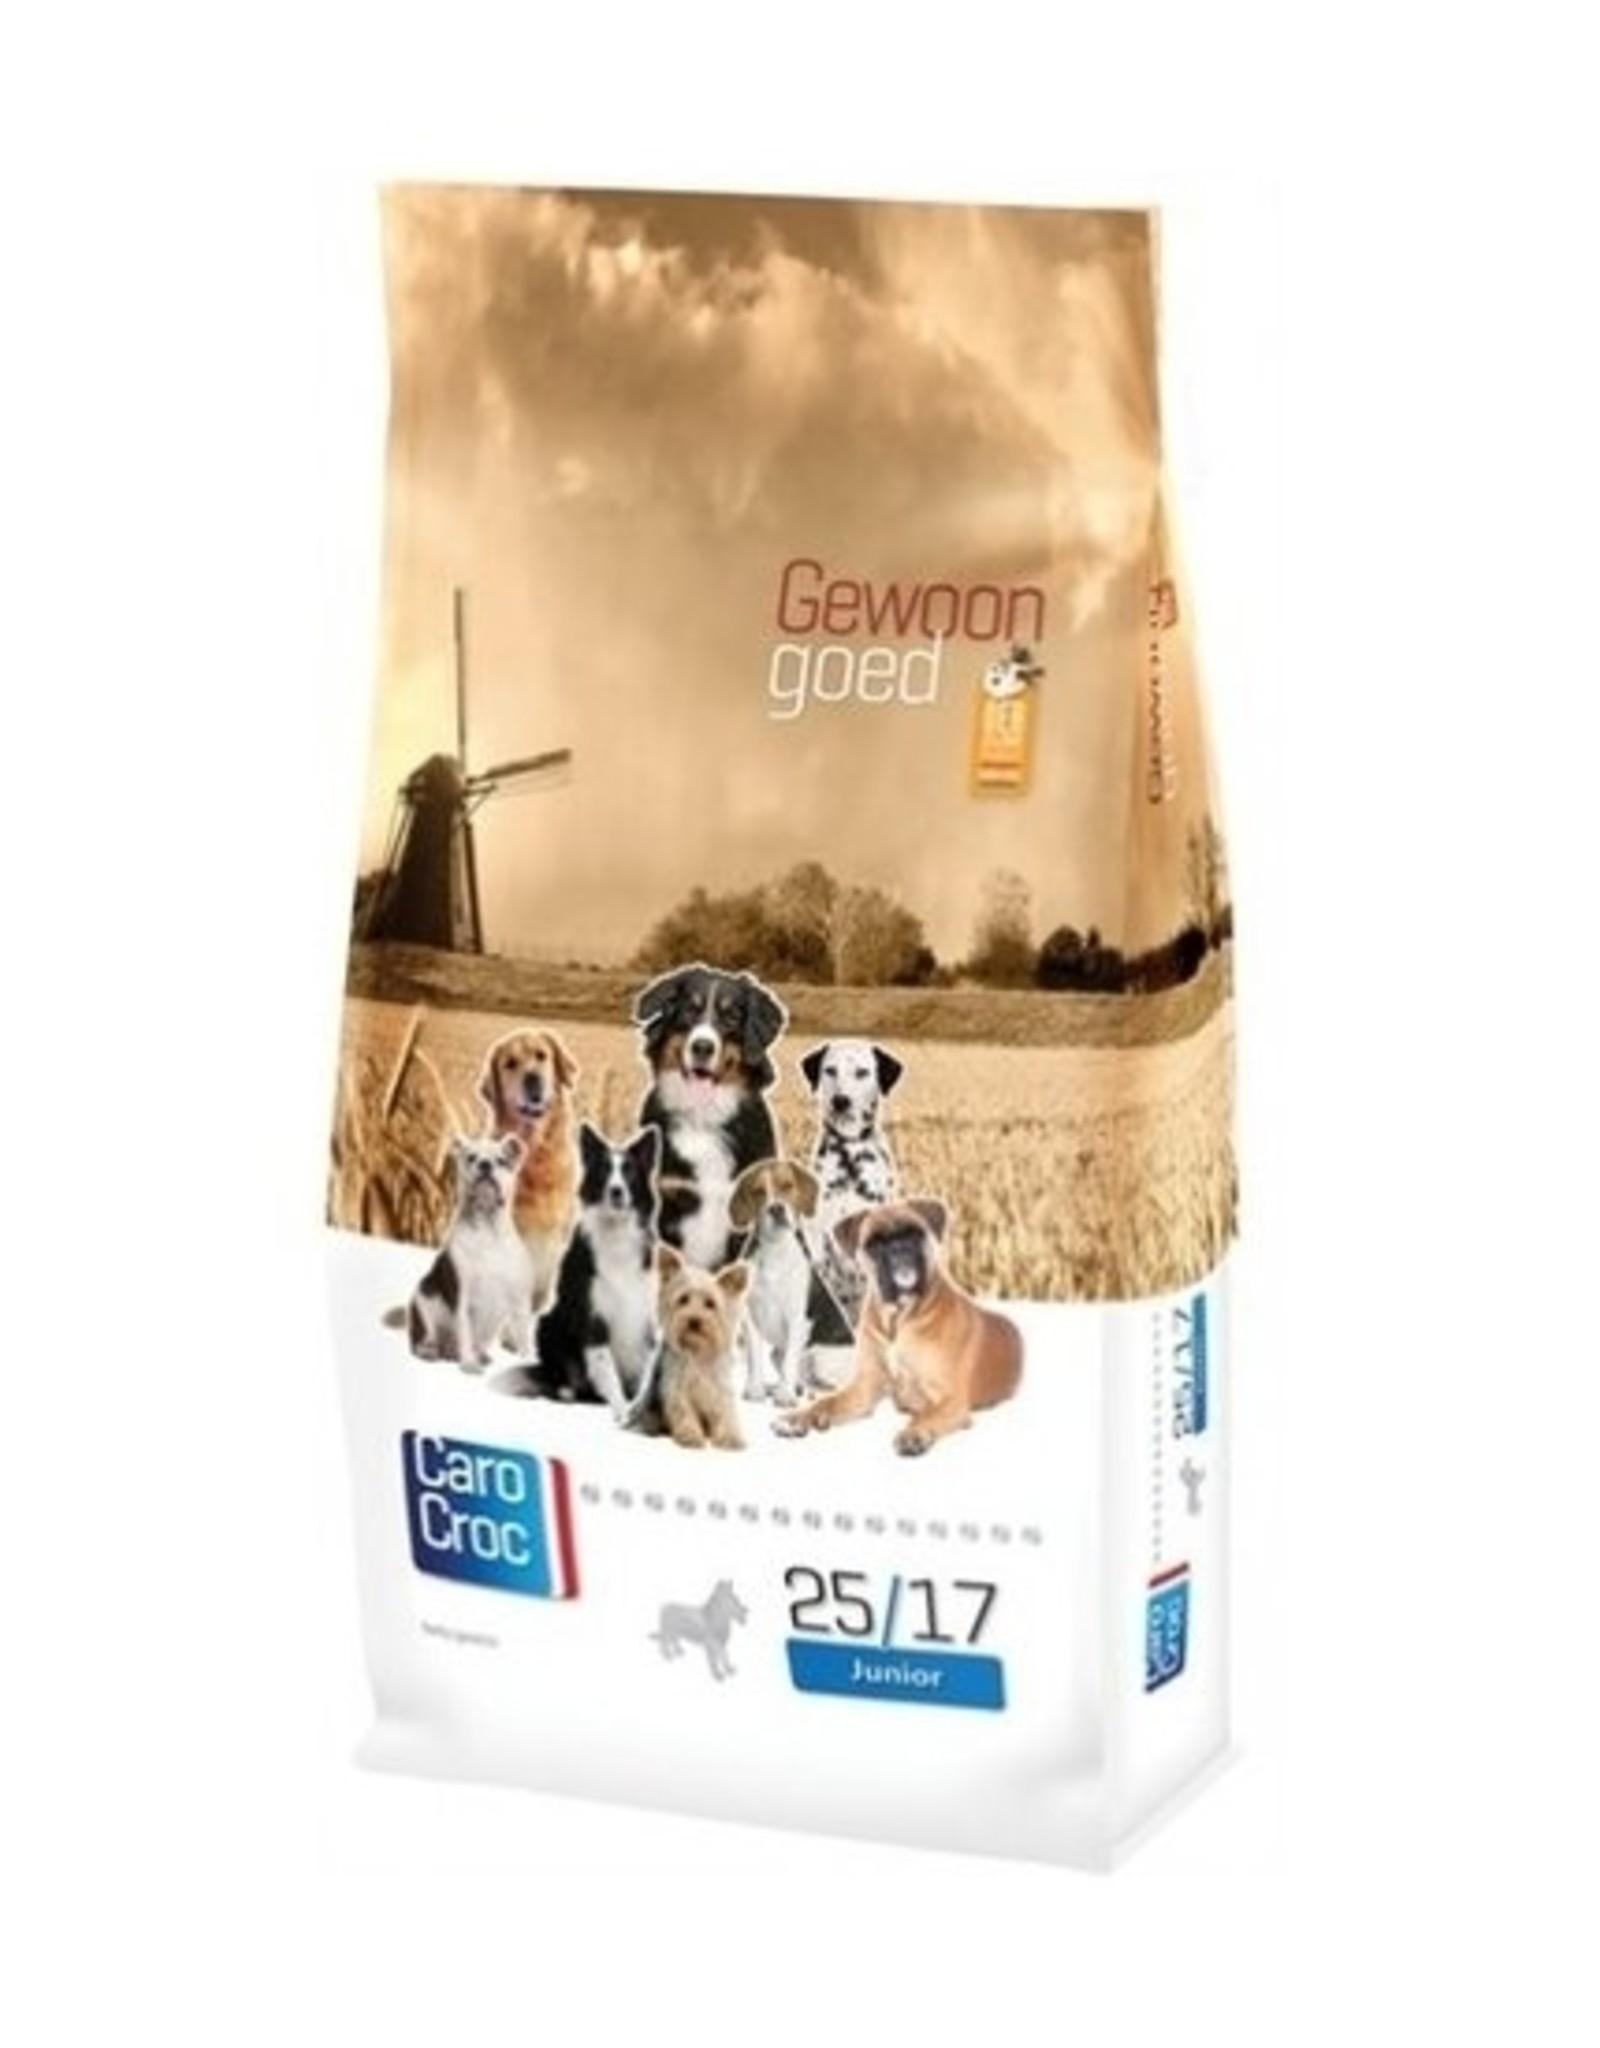 Sanimed Sanimed Carocroc Junior Hond 25/17 Chk Rice 15kg